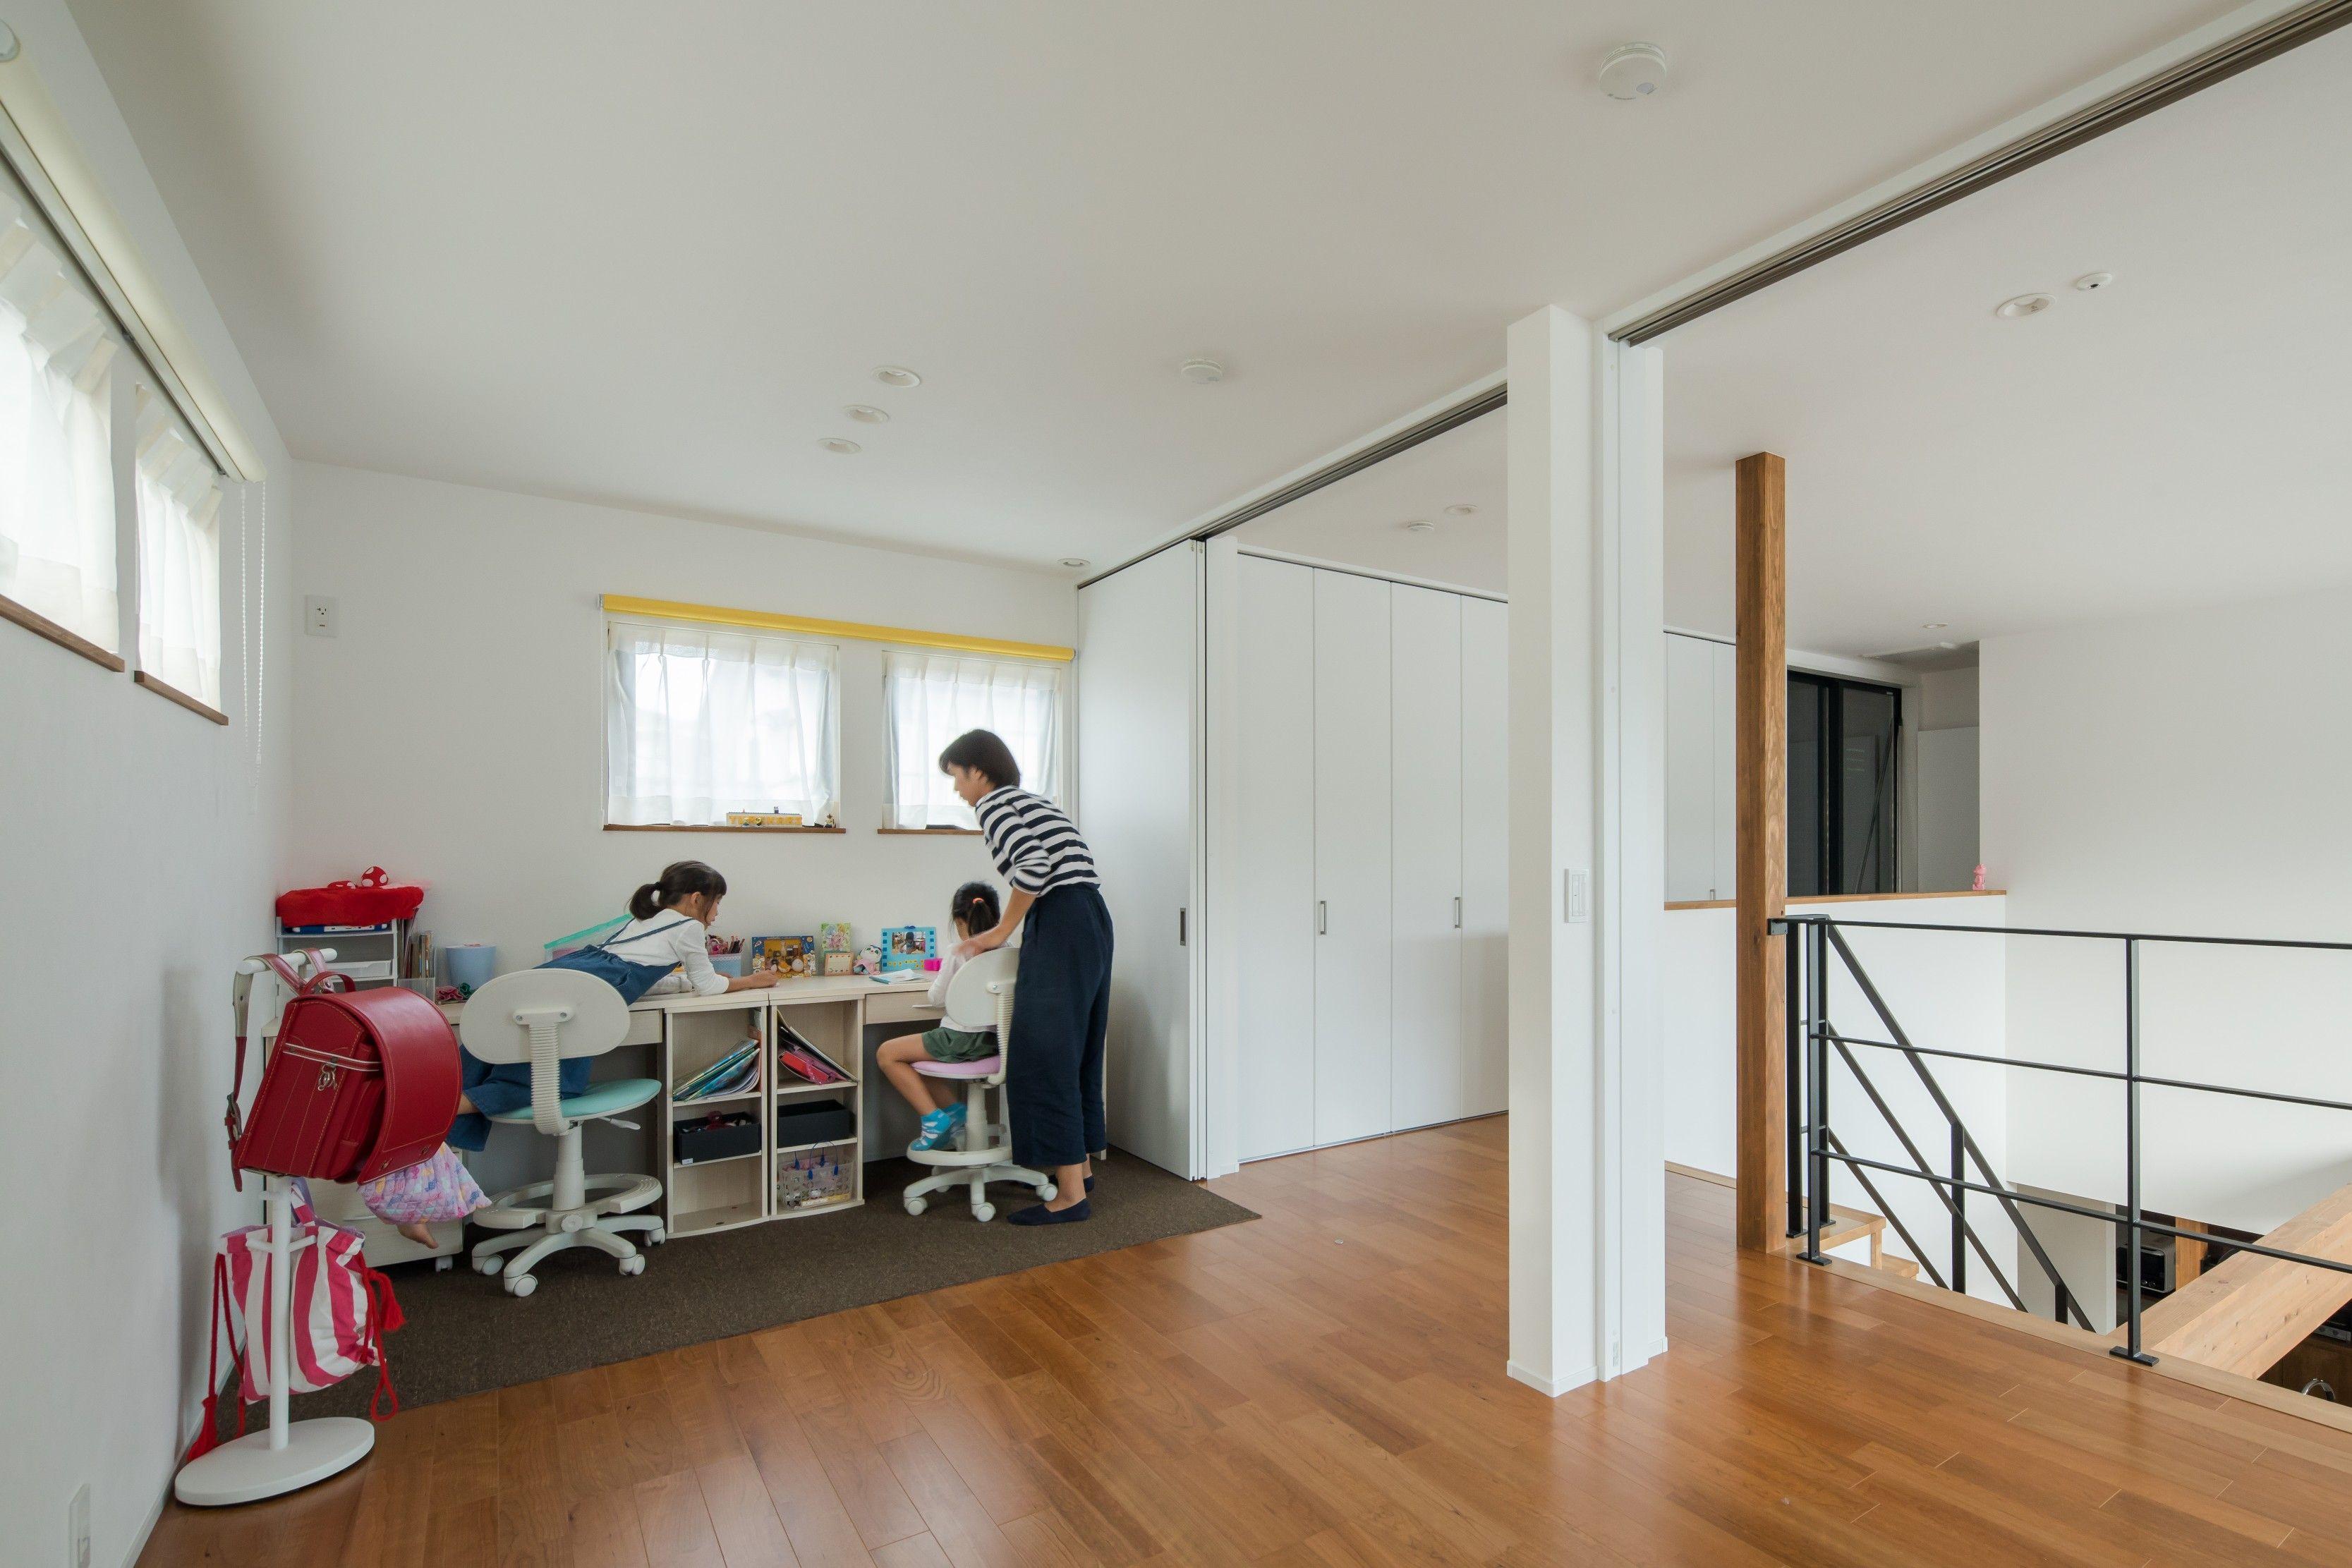 Suumo 5380万円 高級住宅 間取り図あり ドイツパッシブハウス認定